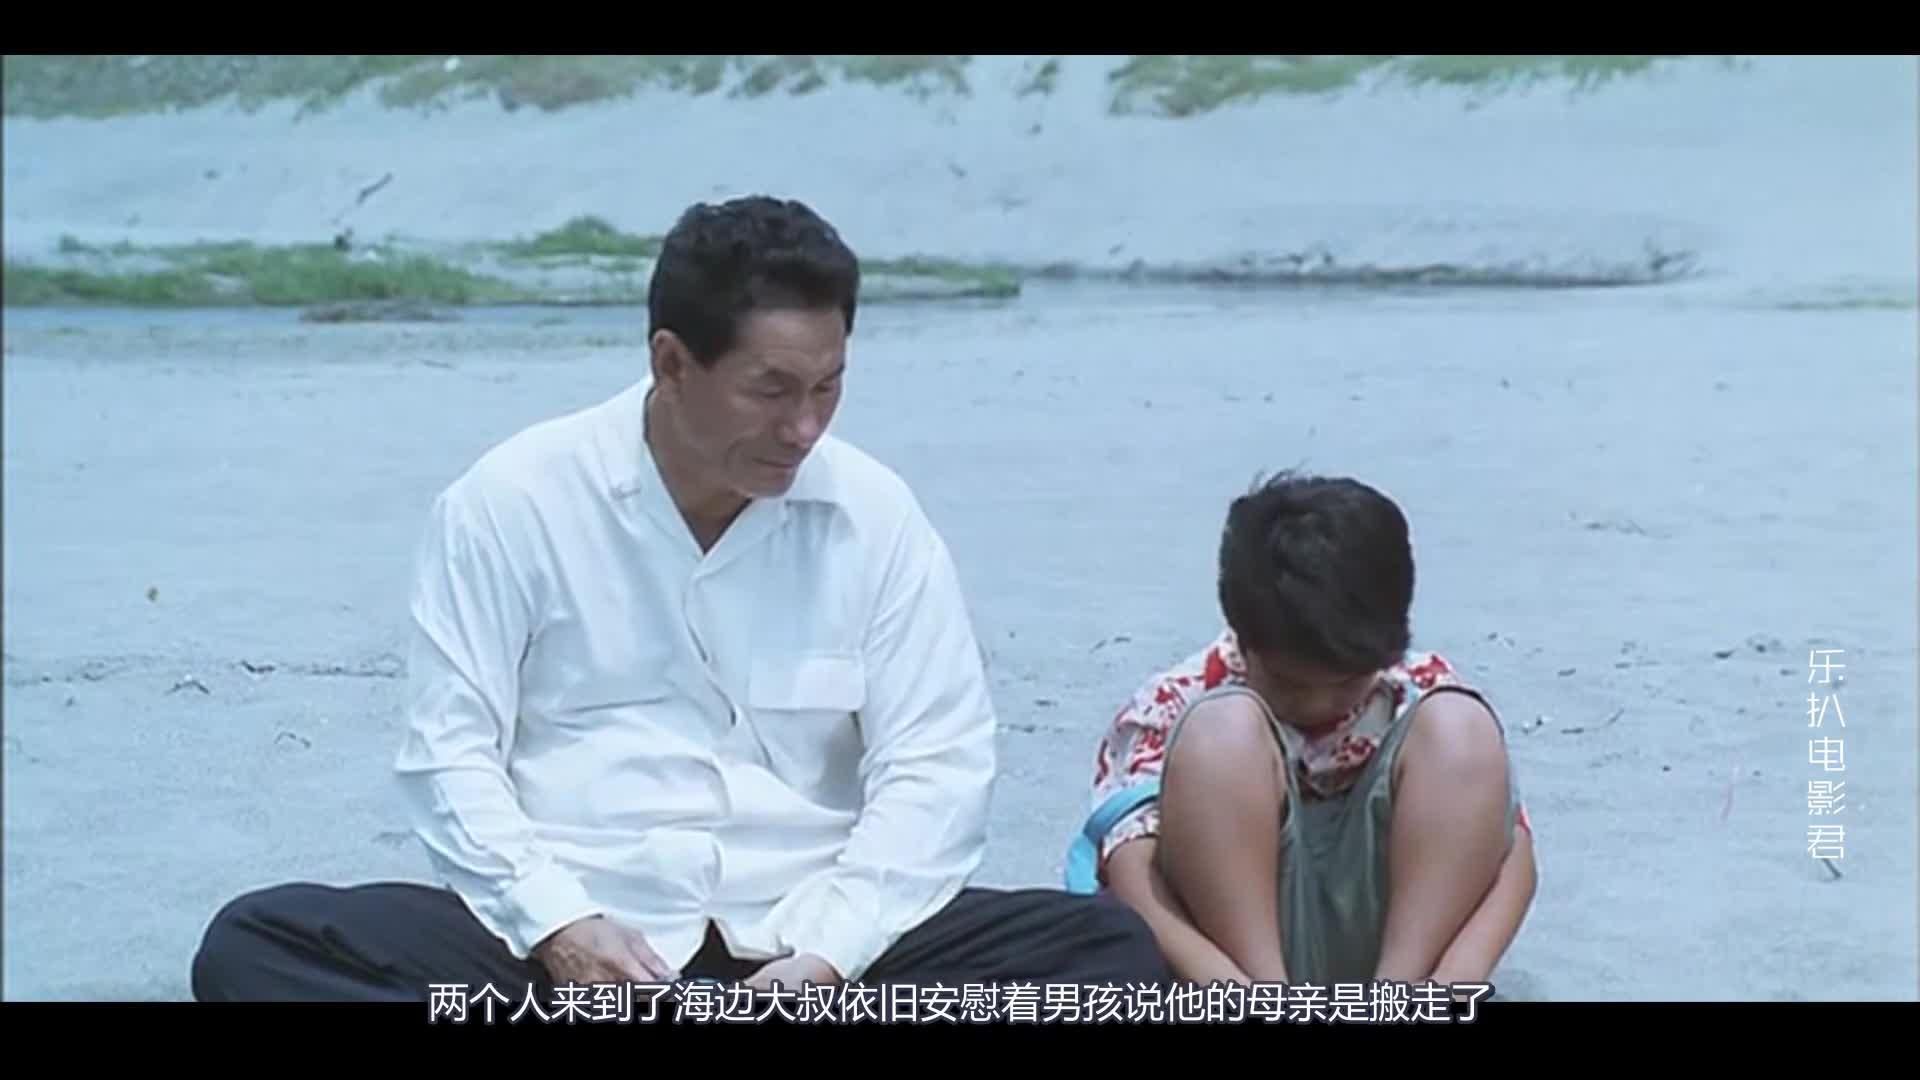 #经典看电影#爱了这么多年的轻音乐《菊次郎的夏天》,原来是这部电影的主题曲